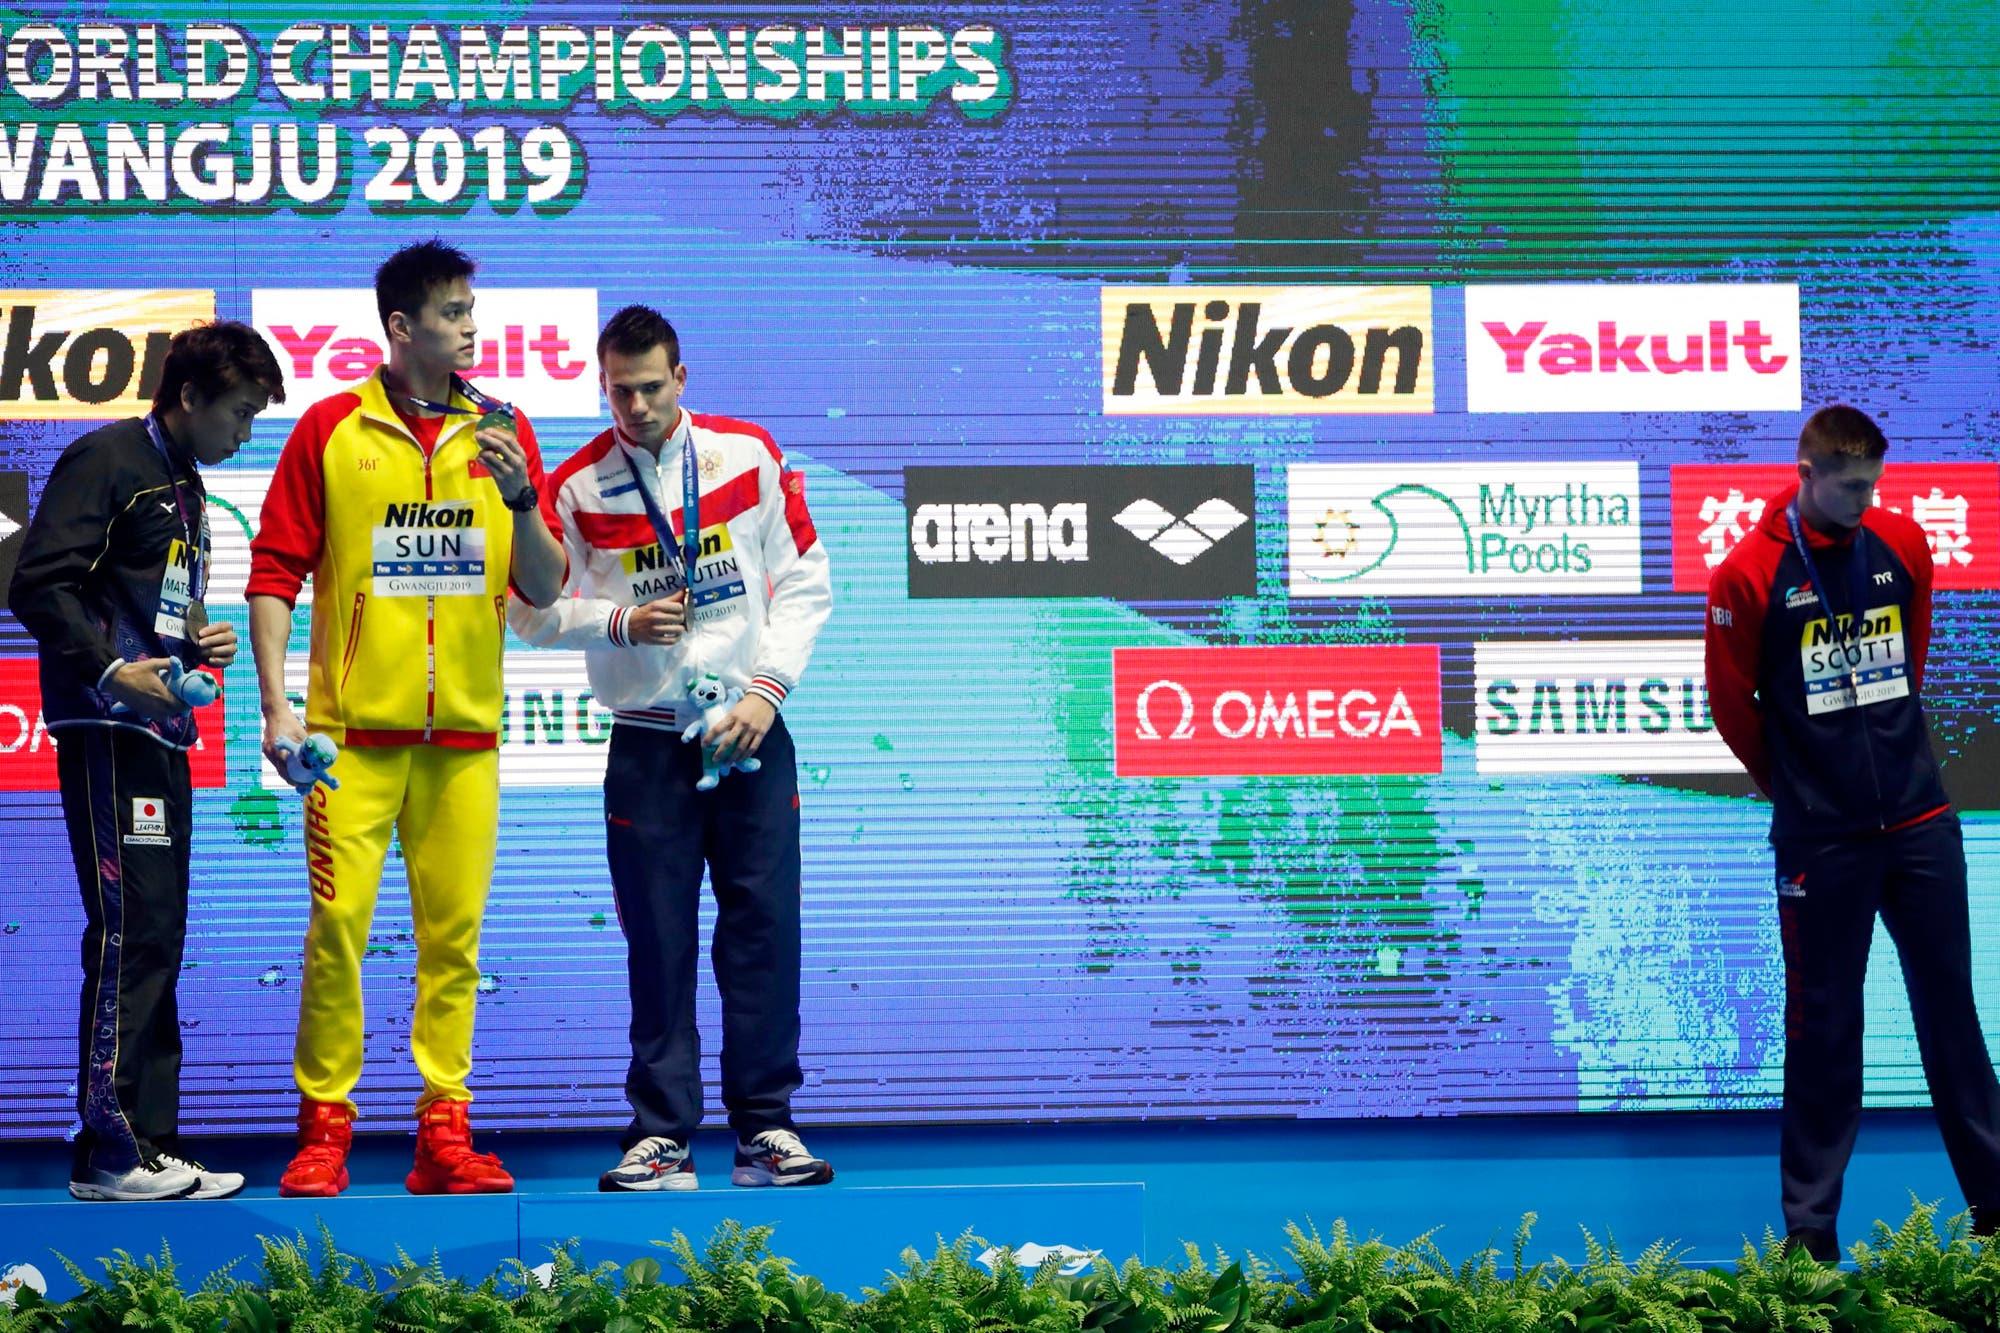 El nadador chino al que sus rivales odian: no lo saludan ni comparten el podio